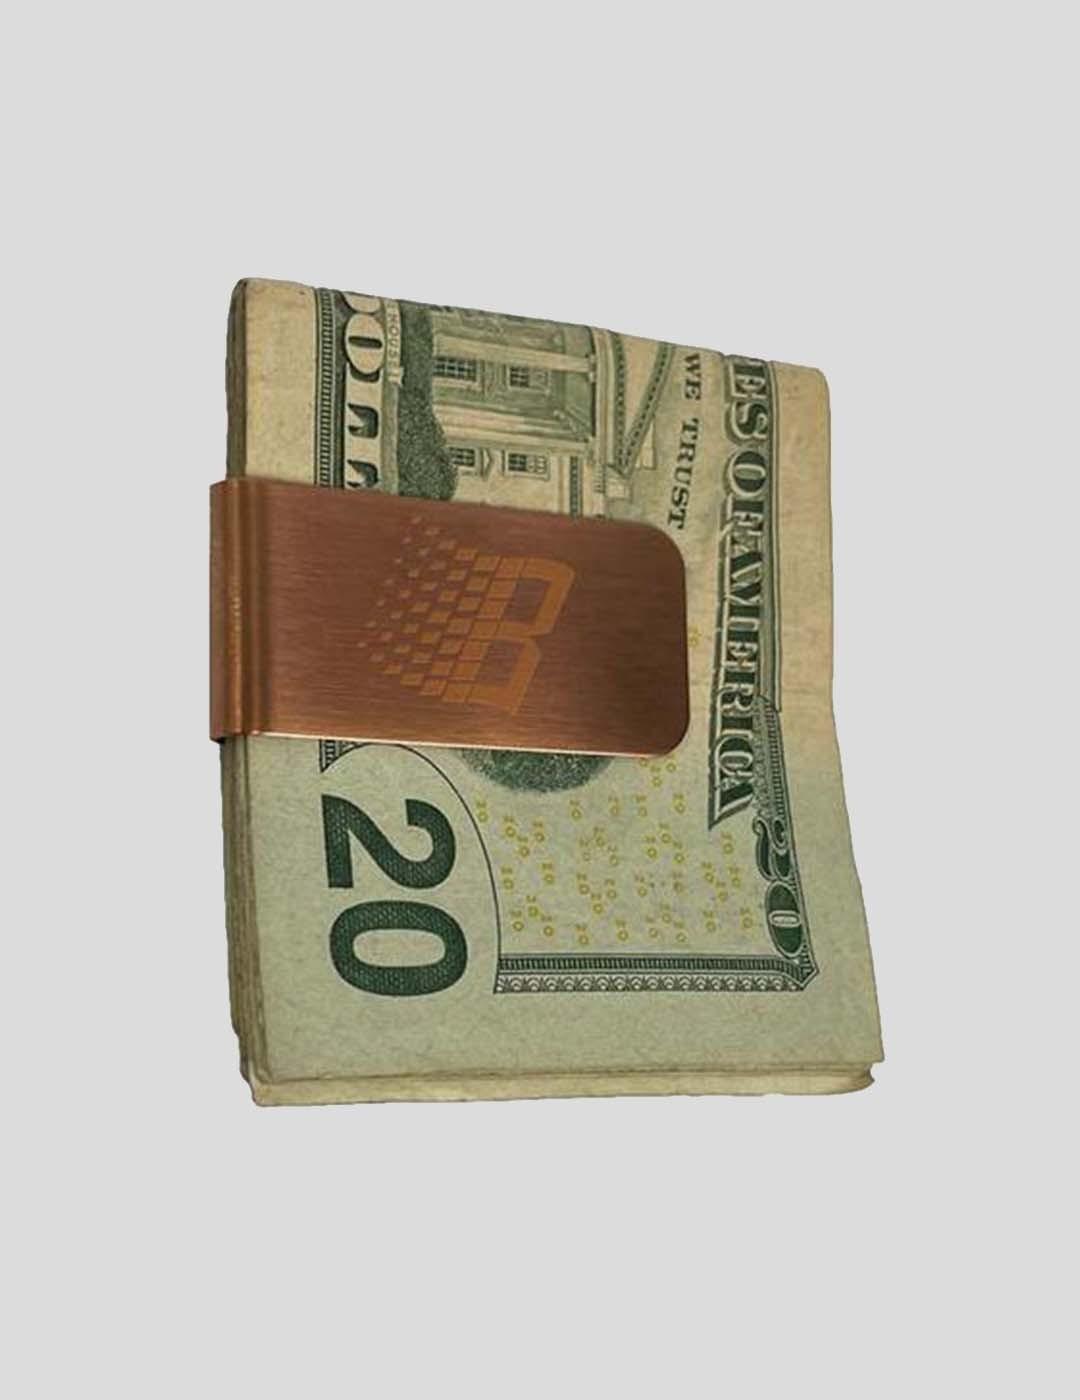 ACCESORIOS BRONZE 56K MONEY CLIP BRONZE